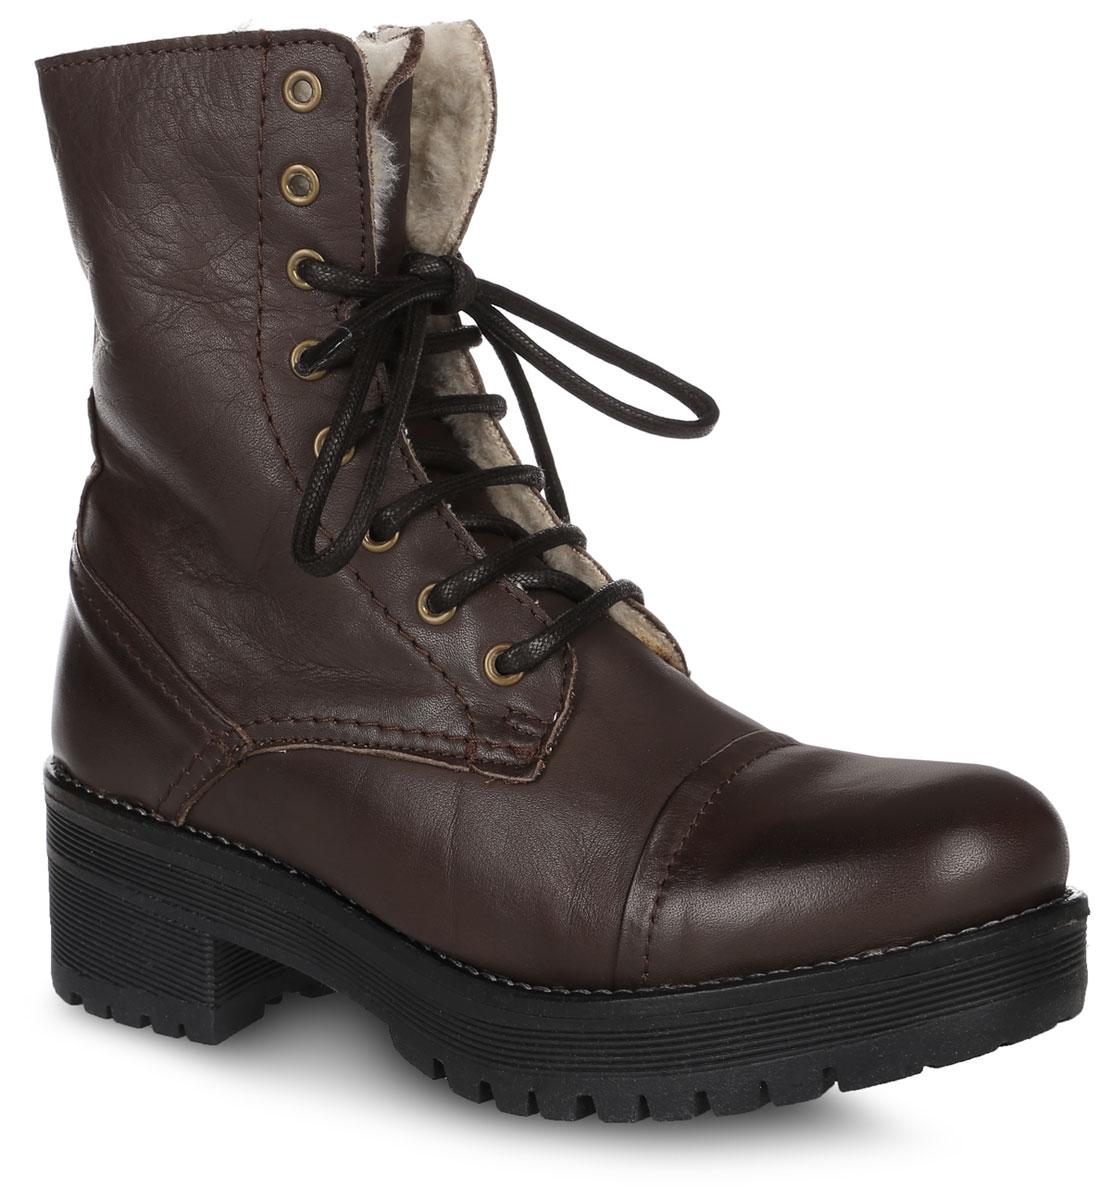 PFT6_2260_BROWNВысокие женские ботинки от El Tempo выполнены из натуральной высококачественной кожи. Модель на классической шнуровке, боковая сторона дополнена застежкой-молнией. Язычок декорирован тиснением в виде логотипа бренда. Подкладка и стелька изготовлены из натуральной шерсти. Резиновая подошва оснащена рифлением.